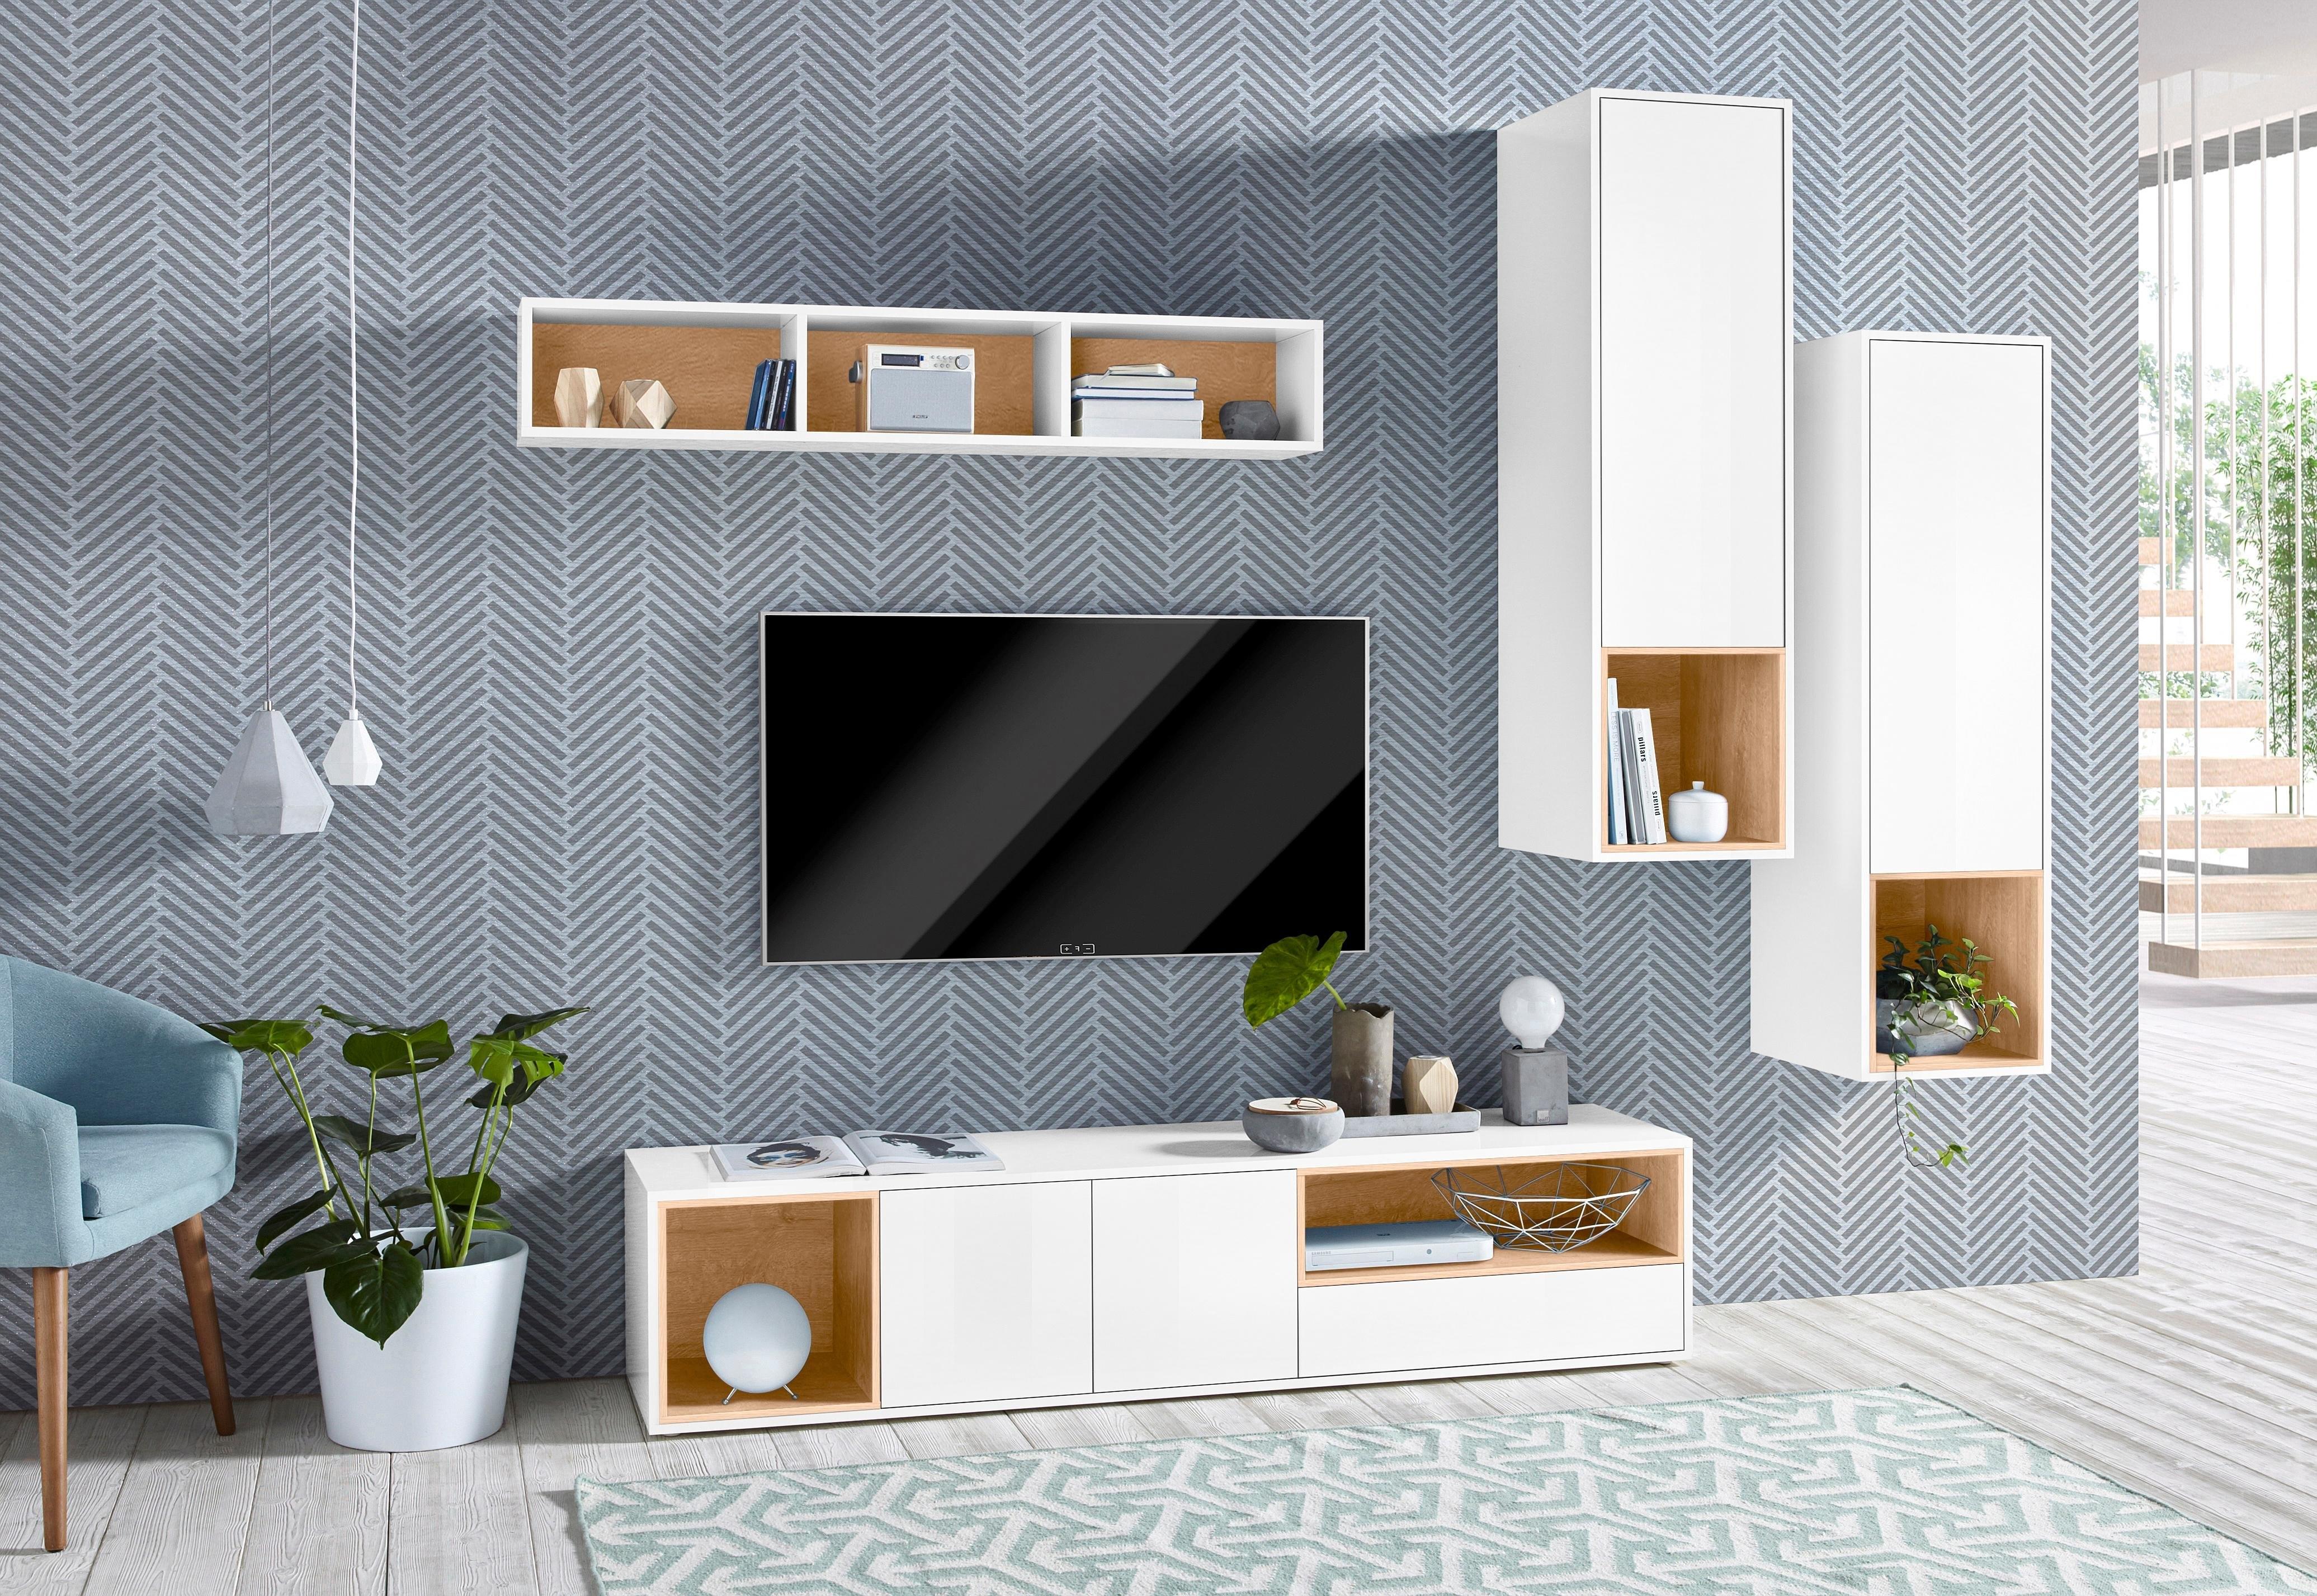 Tecnos wandmeubel Colore (set, 4 stuks) online kopen op otto.nl